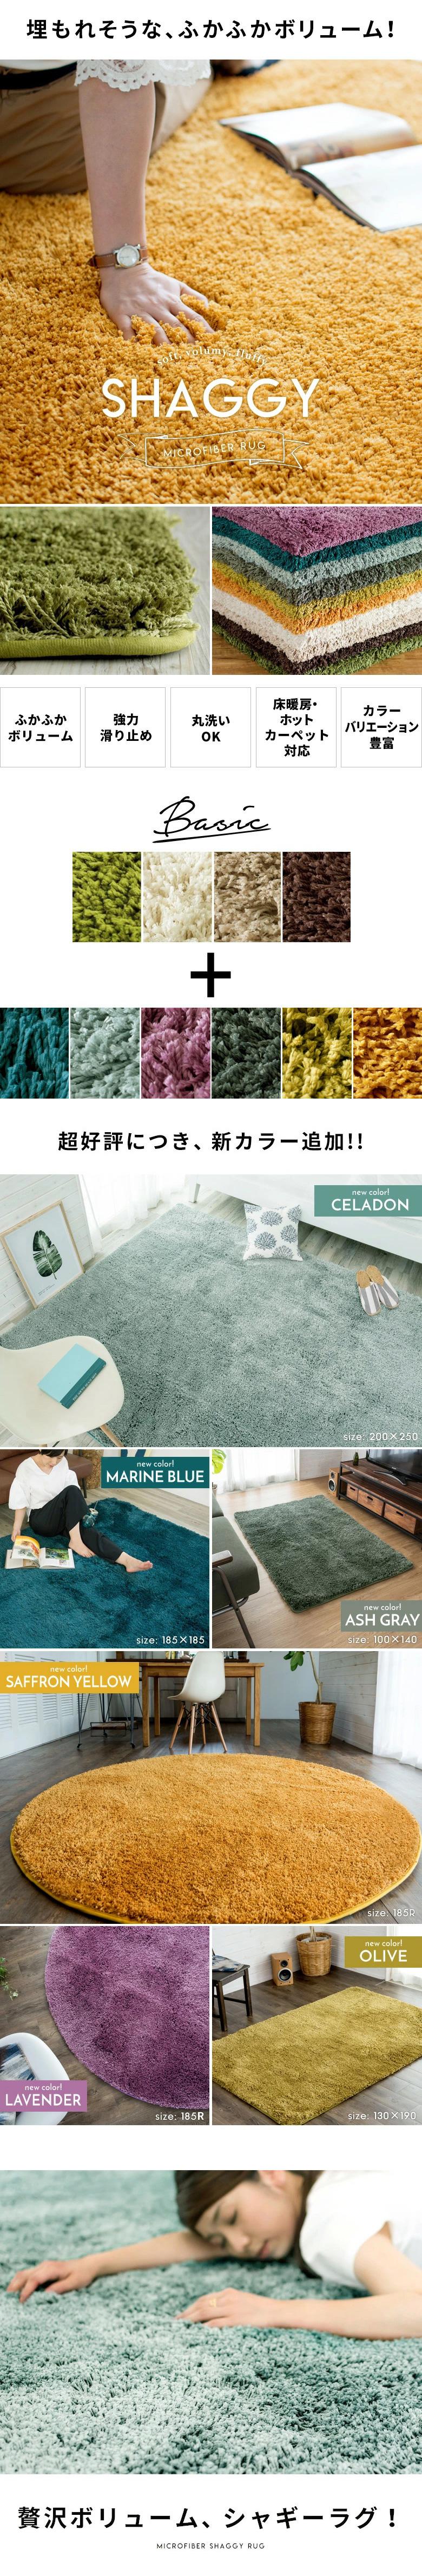 新色追加、床暖房可、ホットカーペット対応のボリューム満点ふわふわラグ。